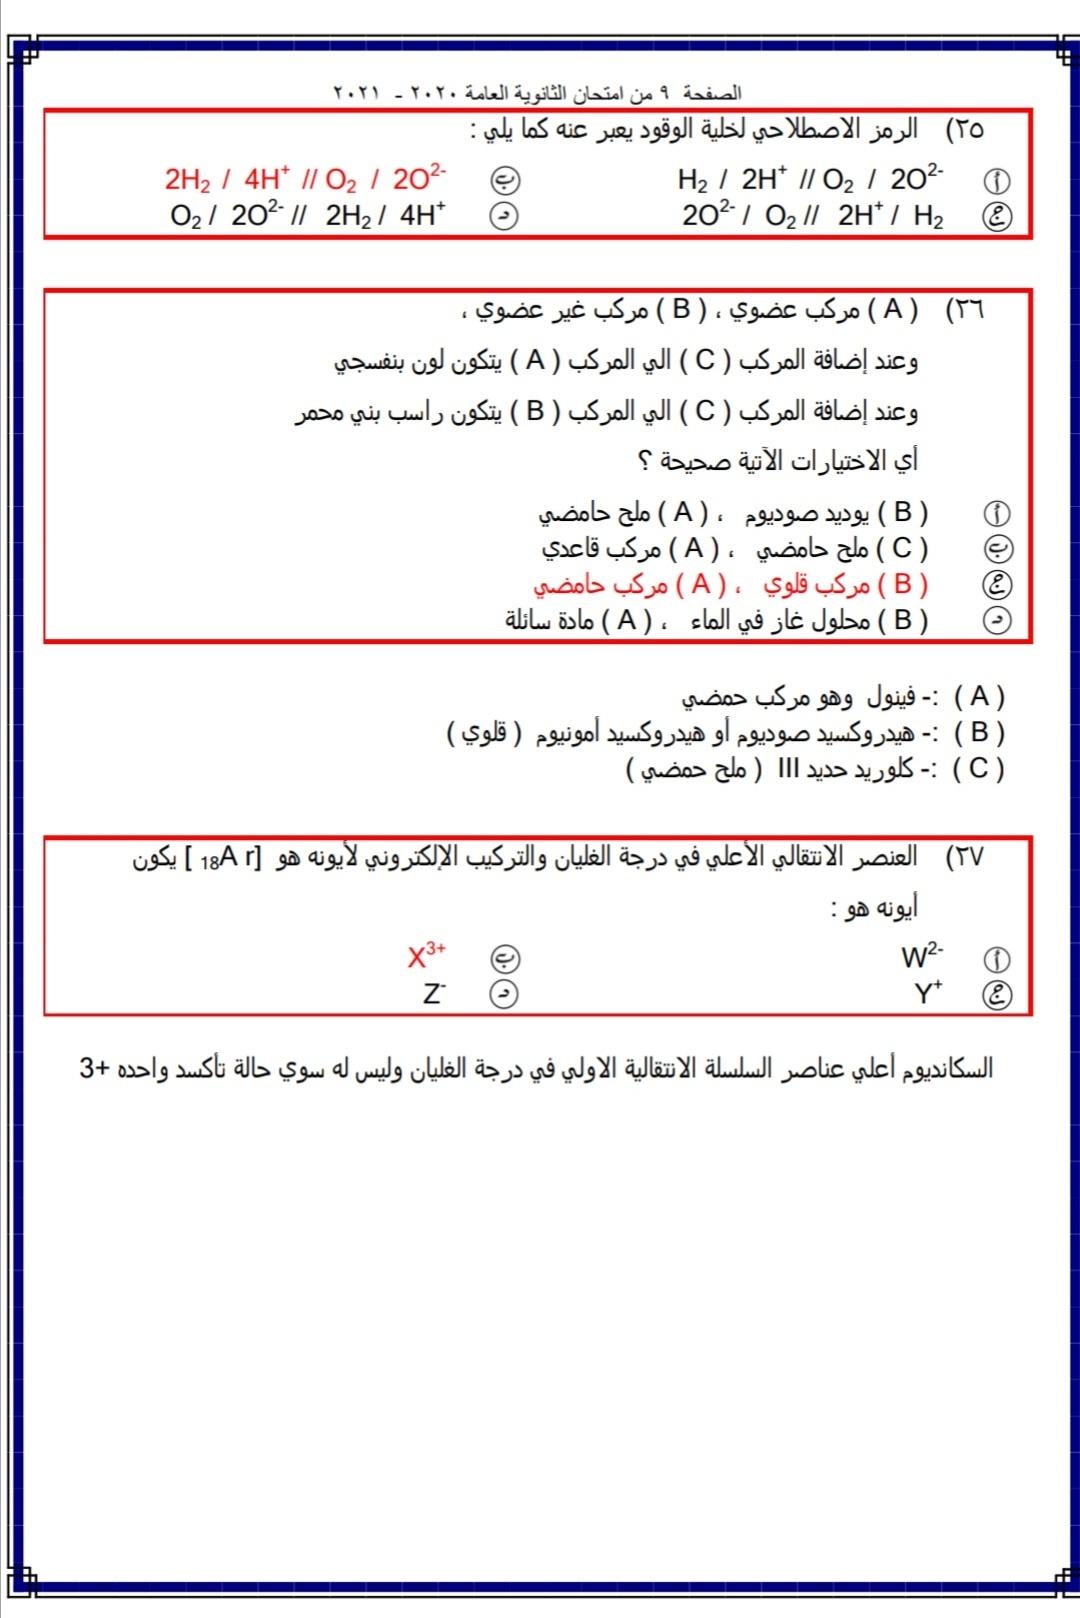 نموذج اجابة امتحان الكيمياء للثانوية العامة 2021 9